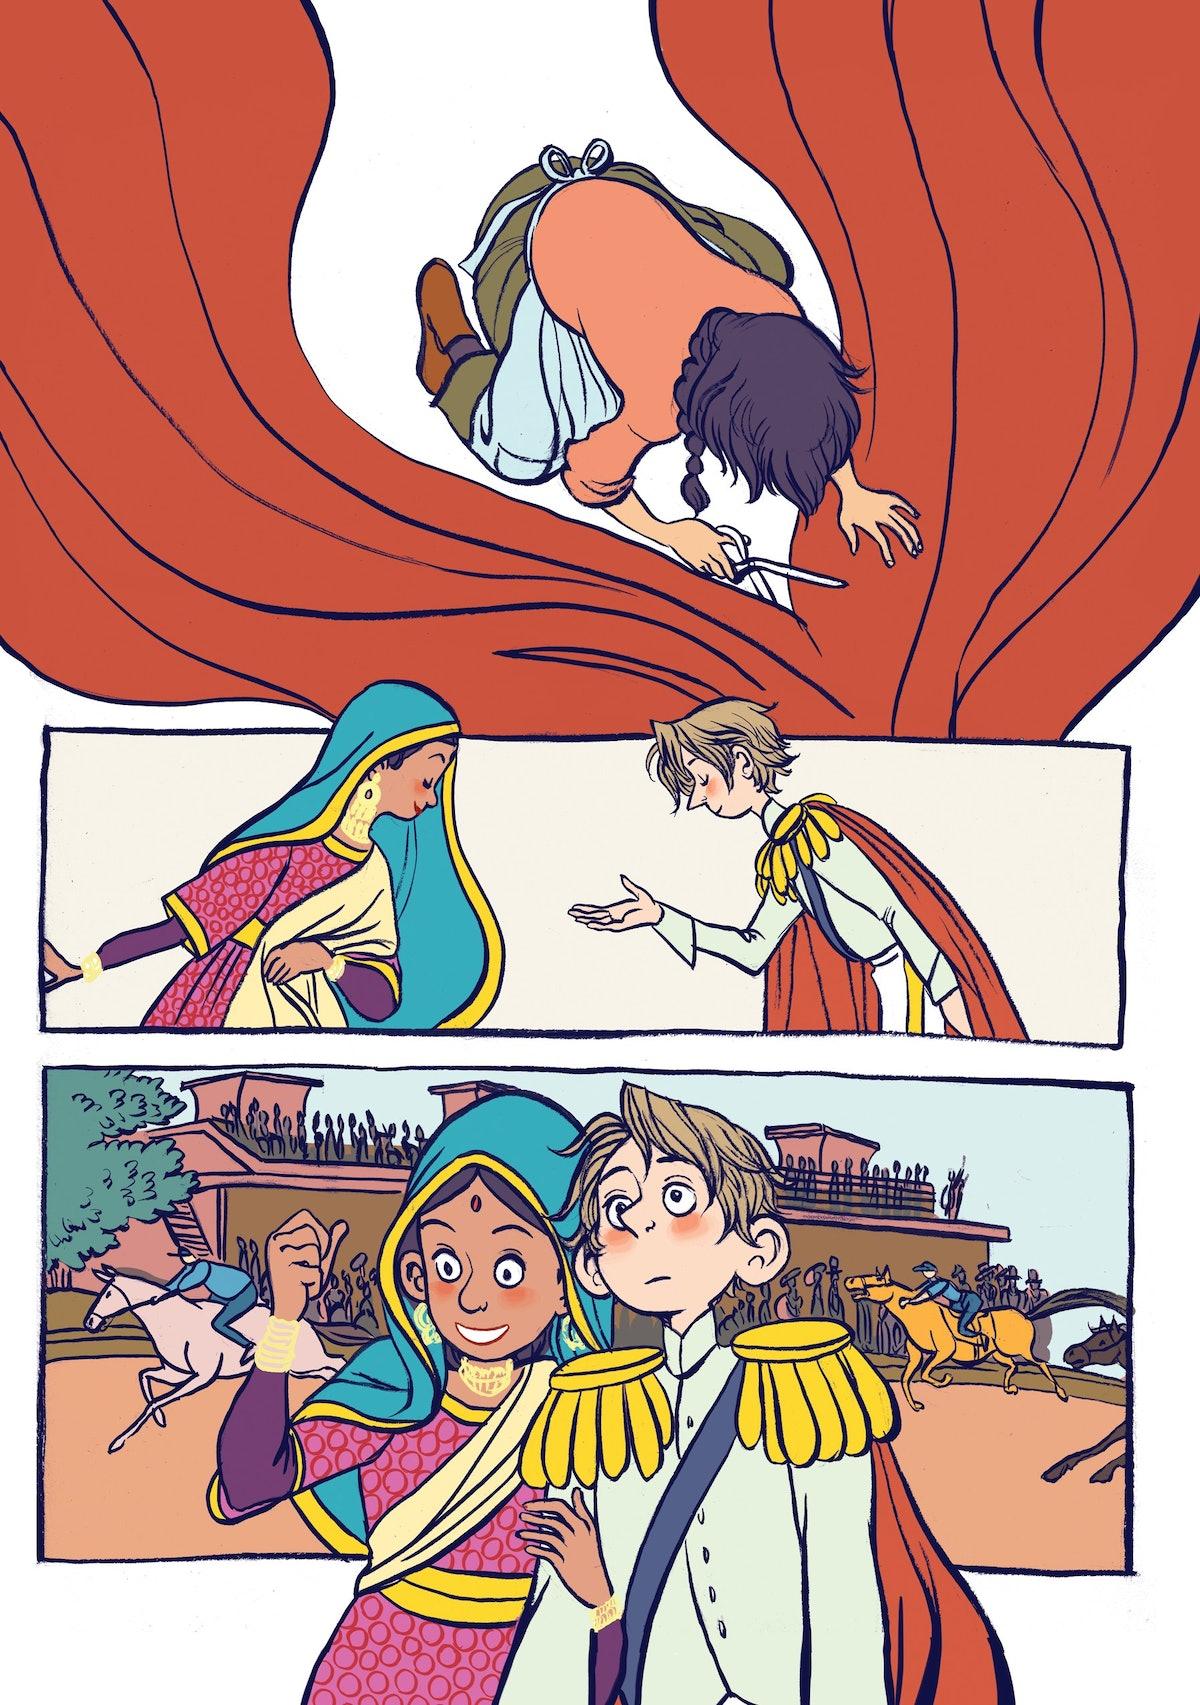 Prince and the Dressmaker_illustration.jpg